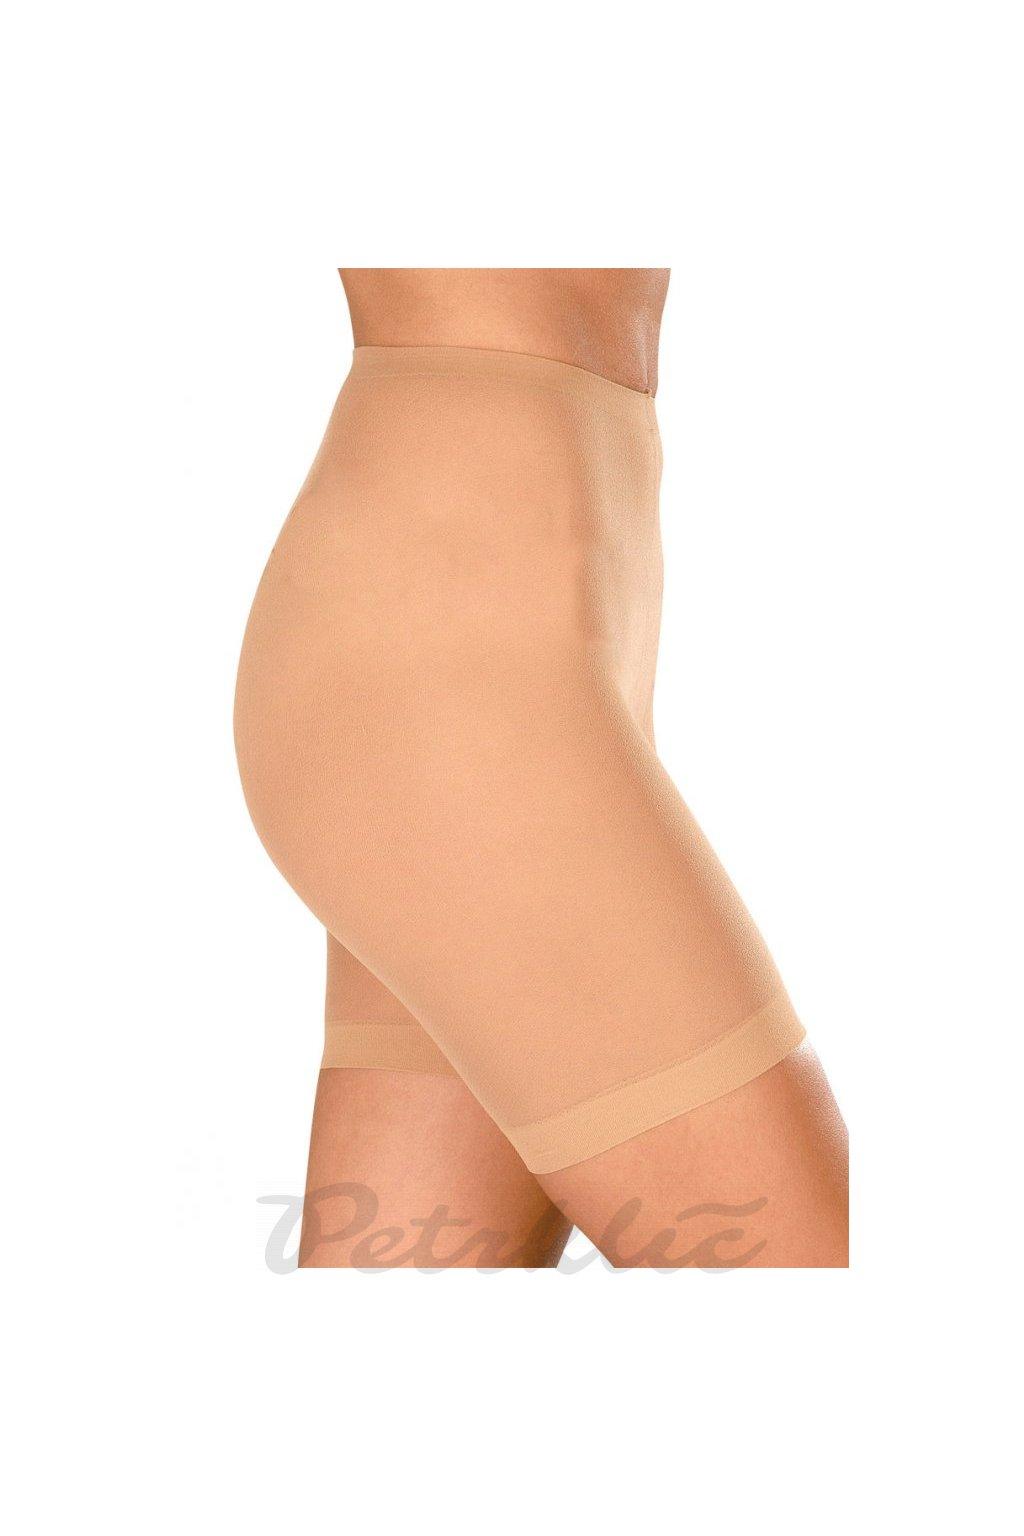 HELEN - punčochové kalhotky